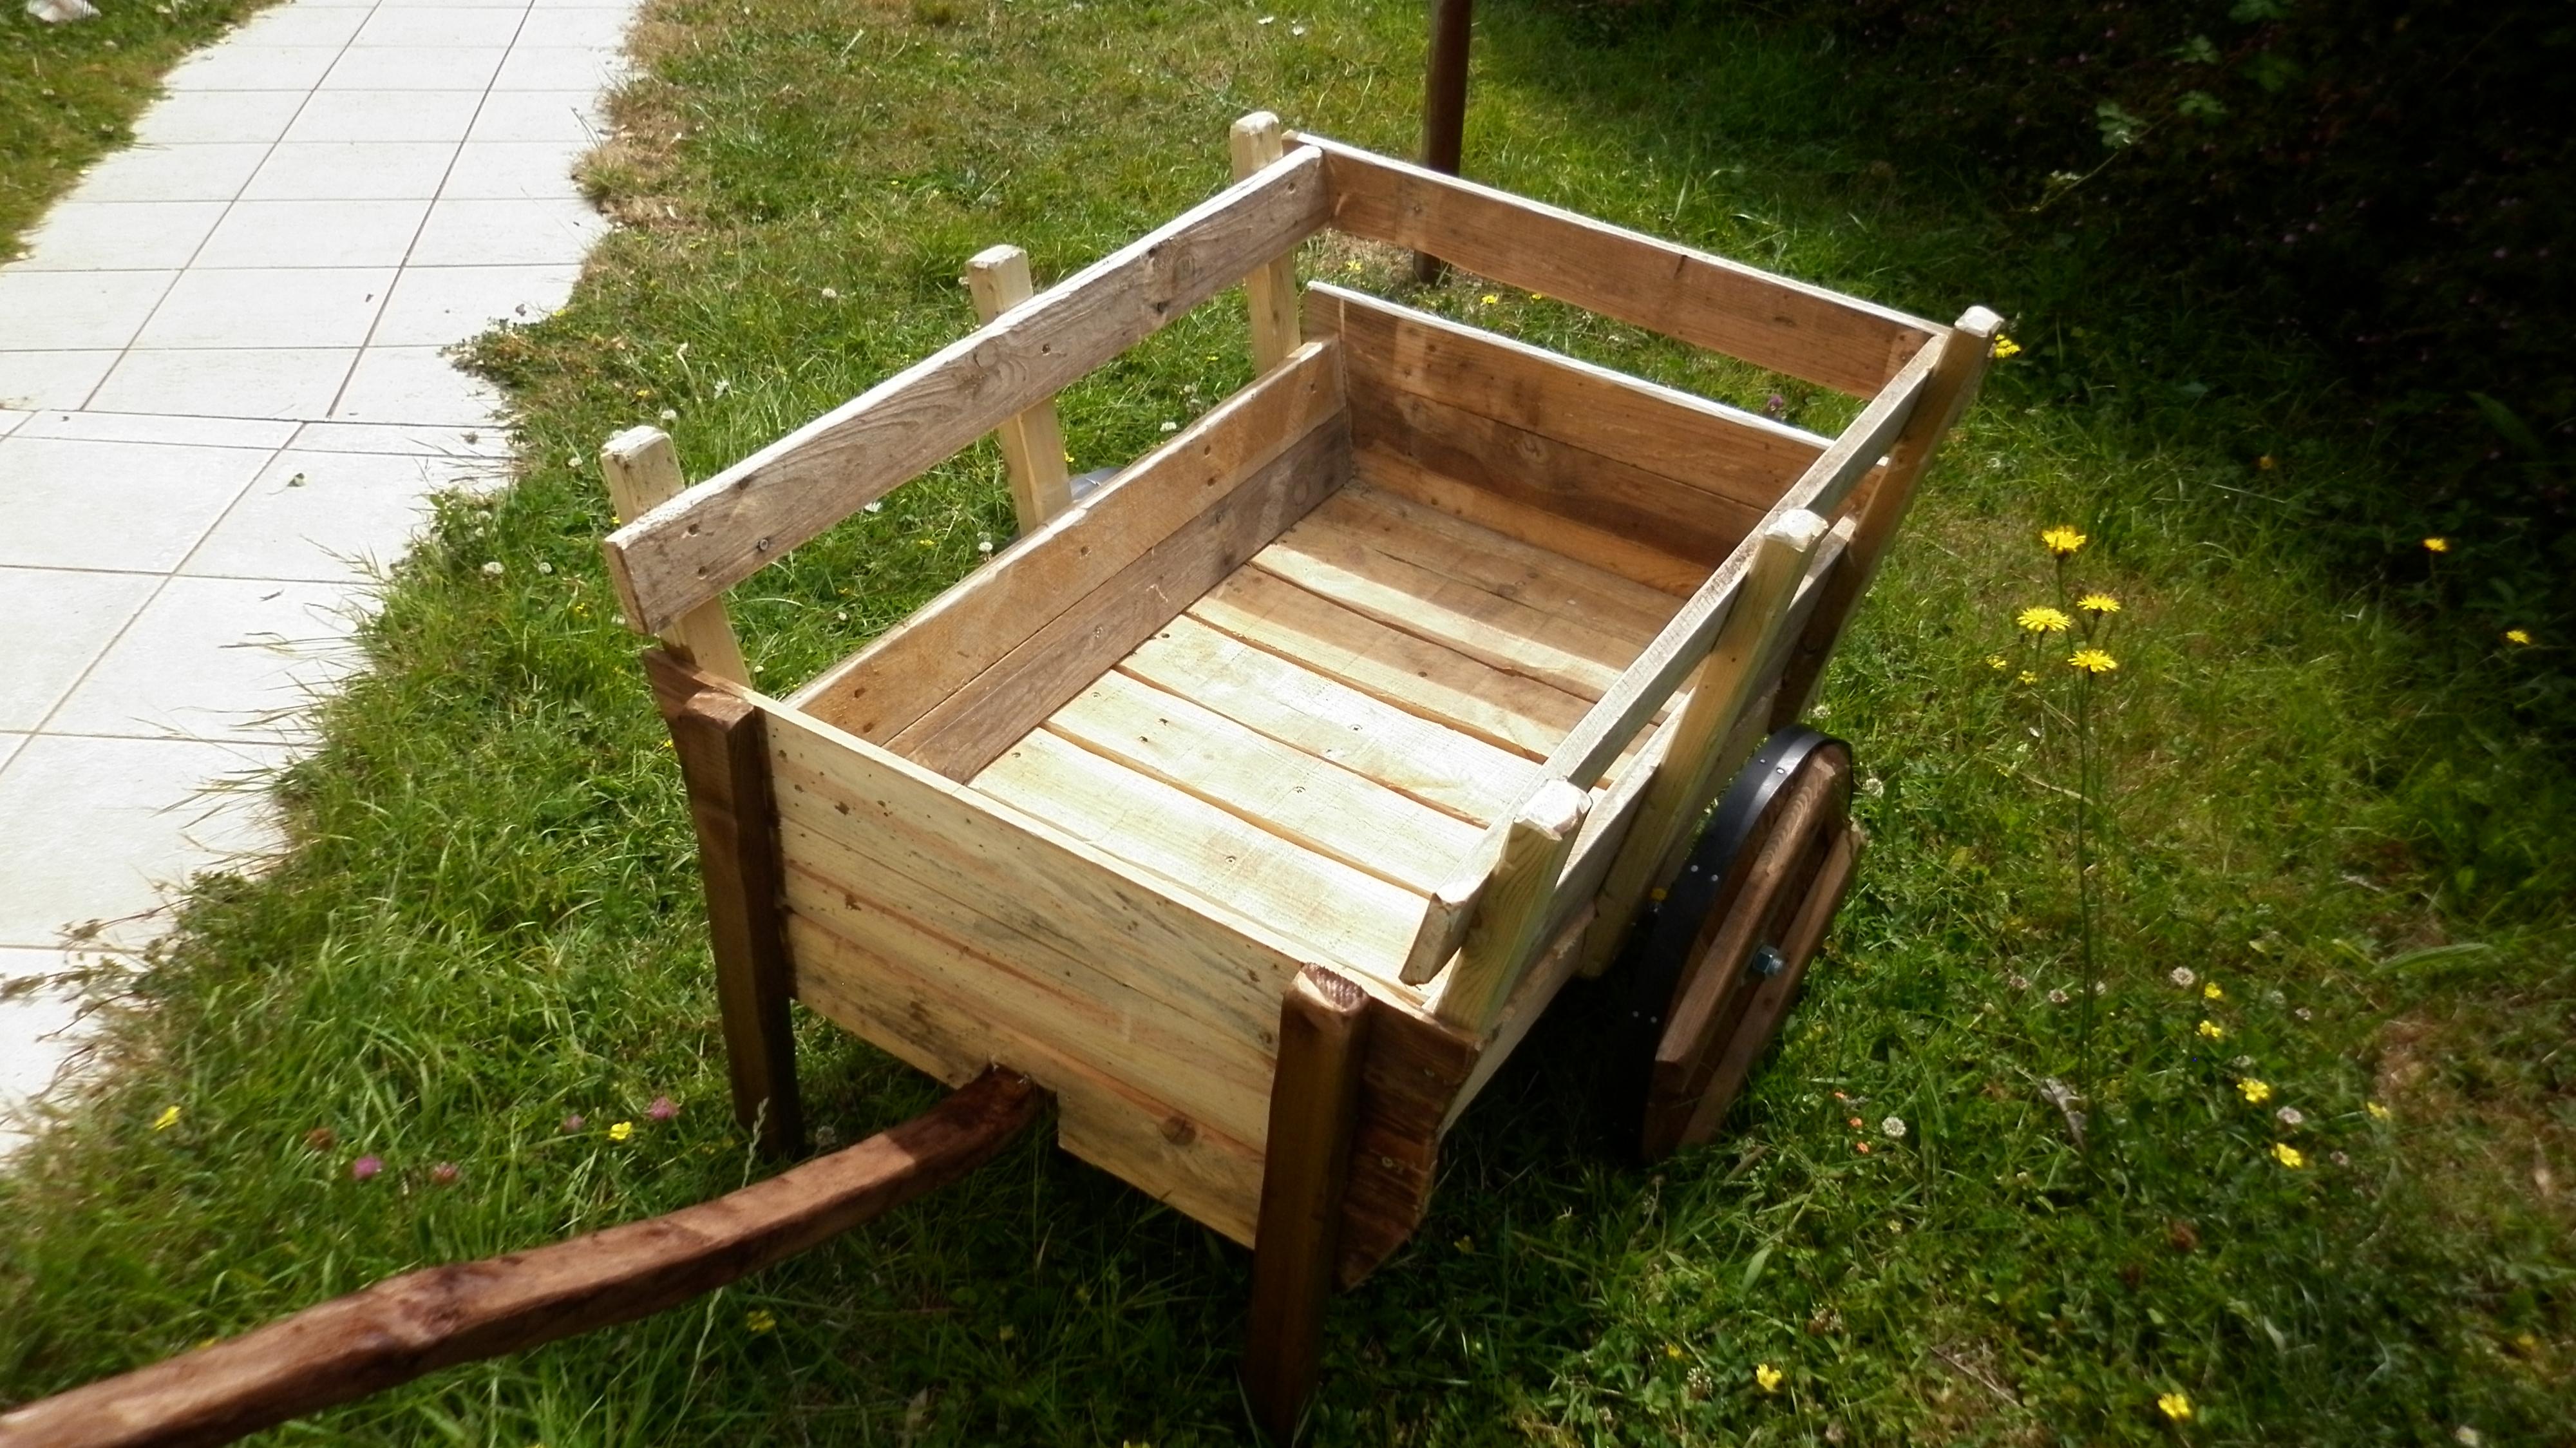 Construire Une Charreterie En Bois - Charrette médievale en palette L'atelier de peyo